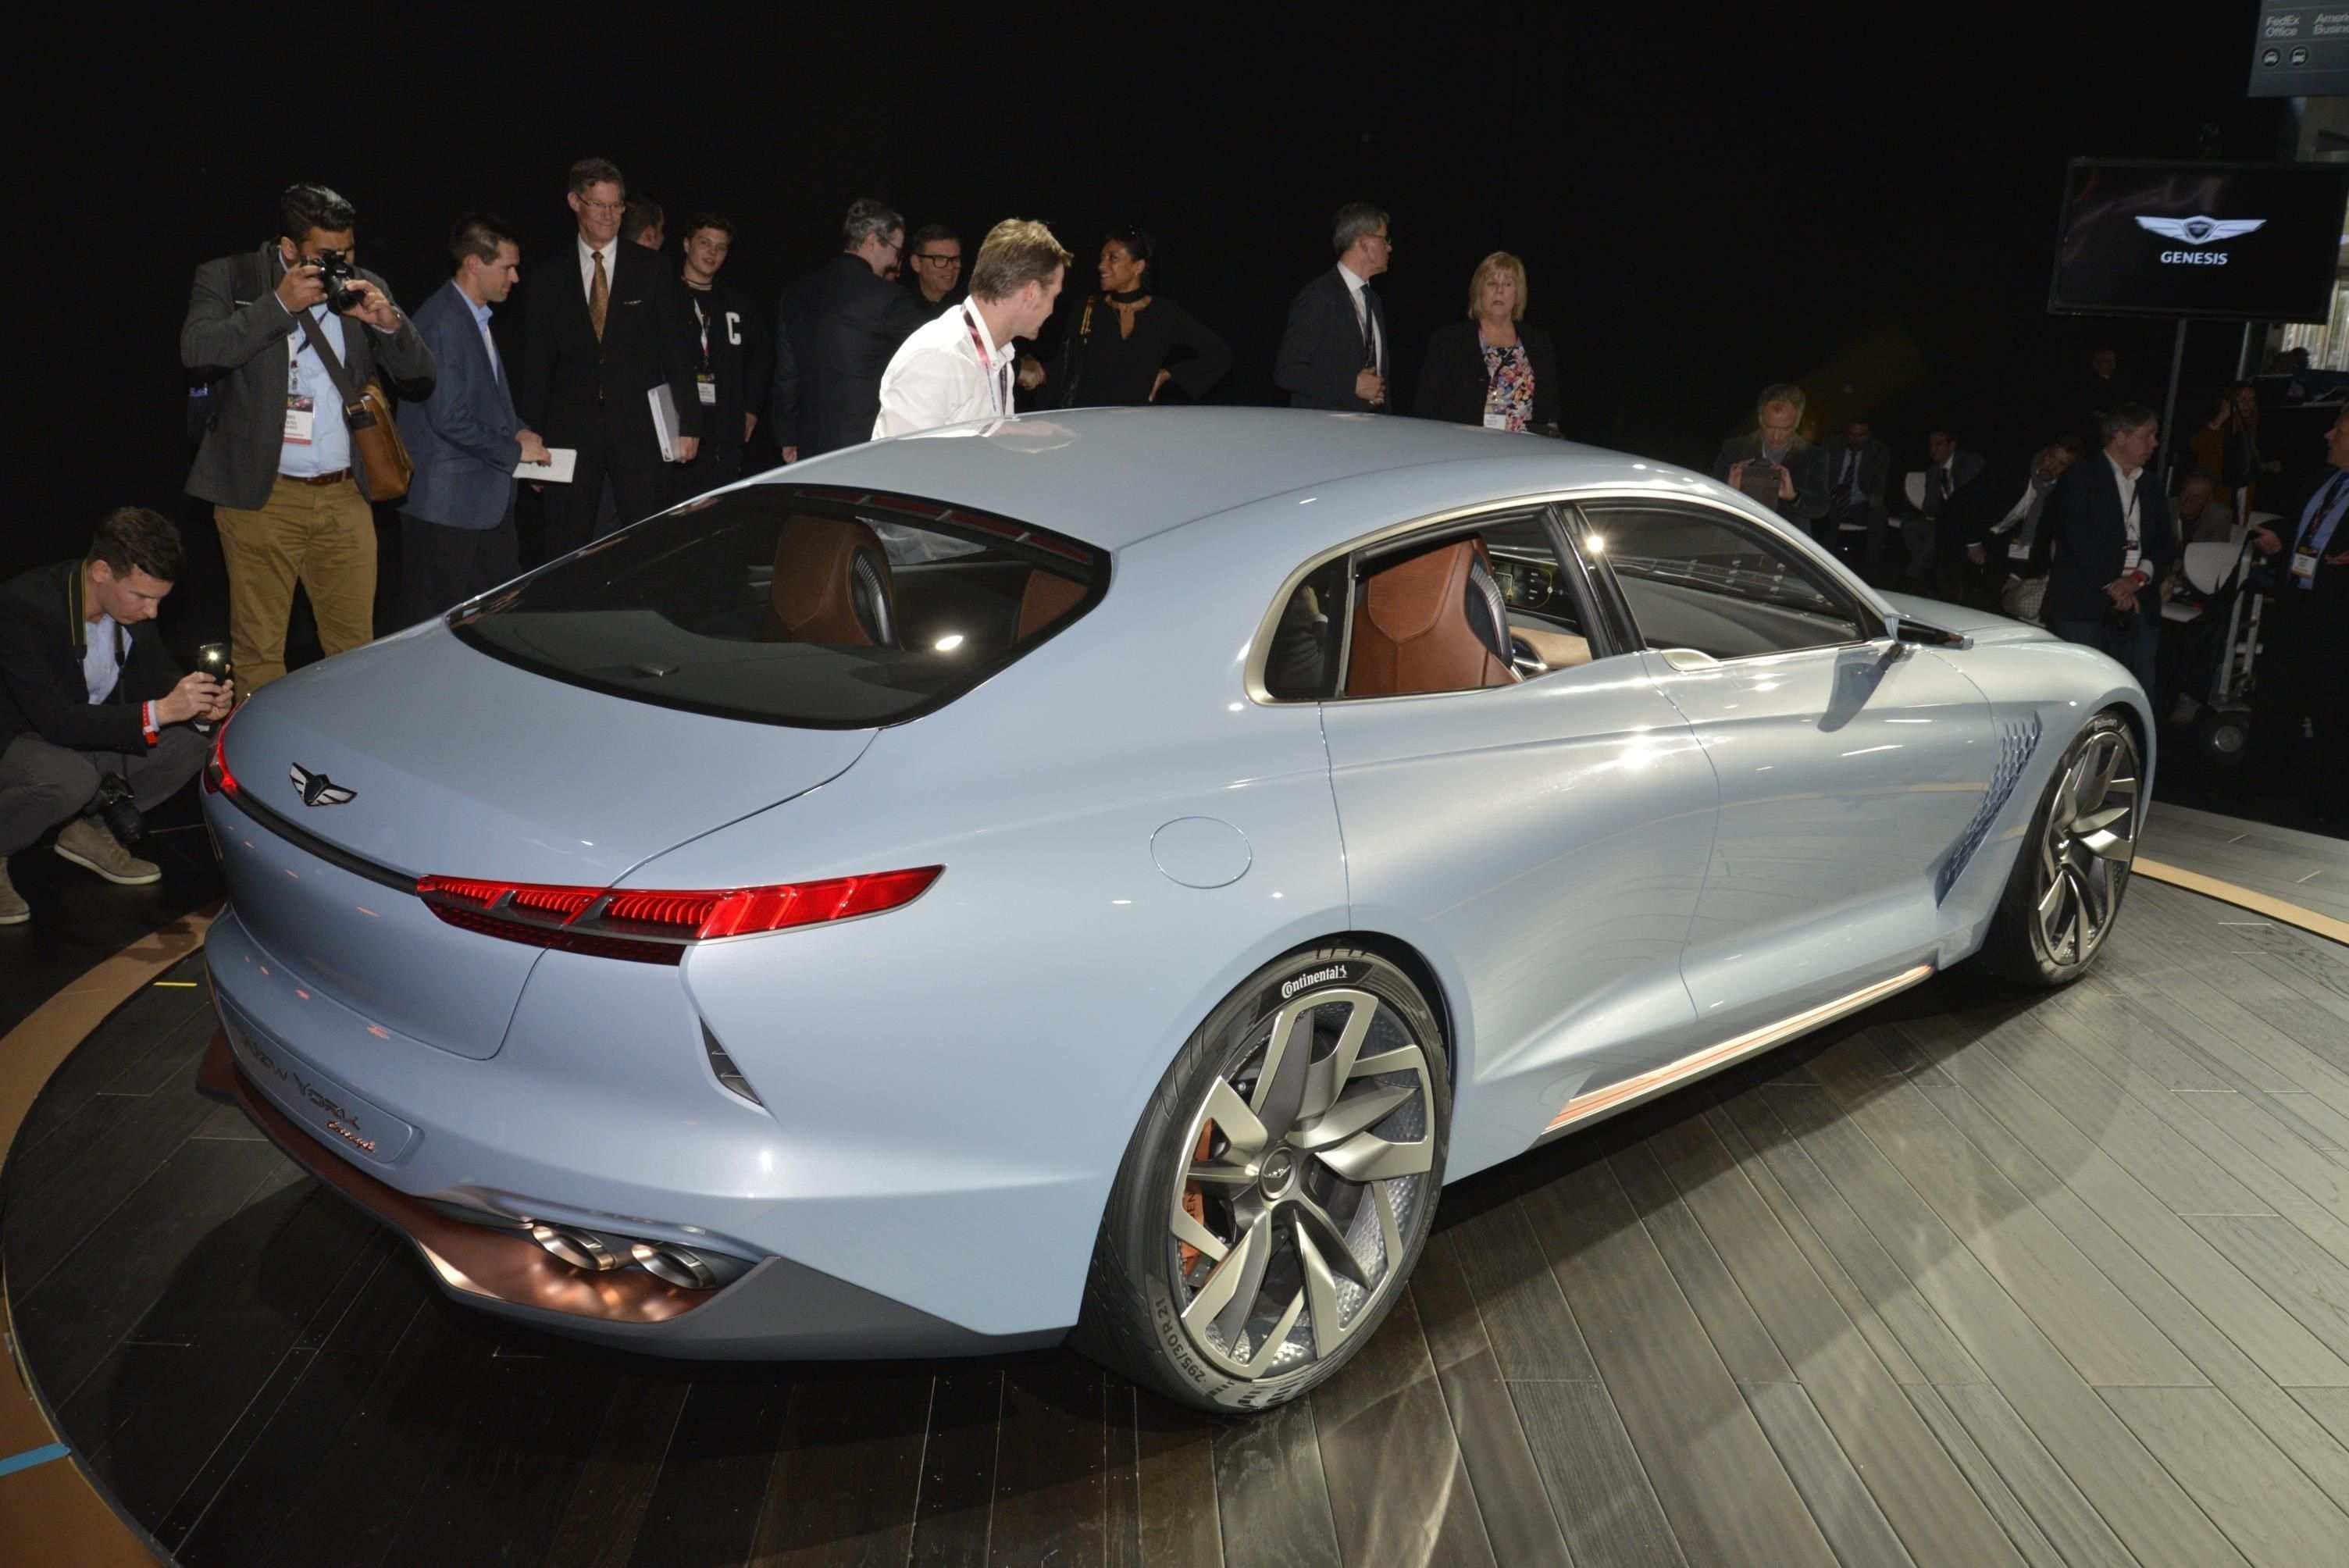 29 Great 2020 Hyundai Equus Price for 2020 Hyundai Equus